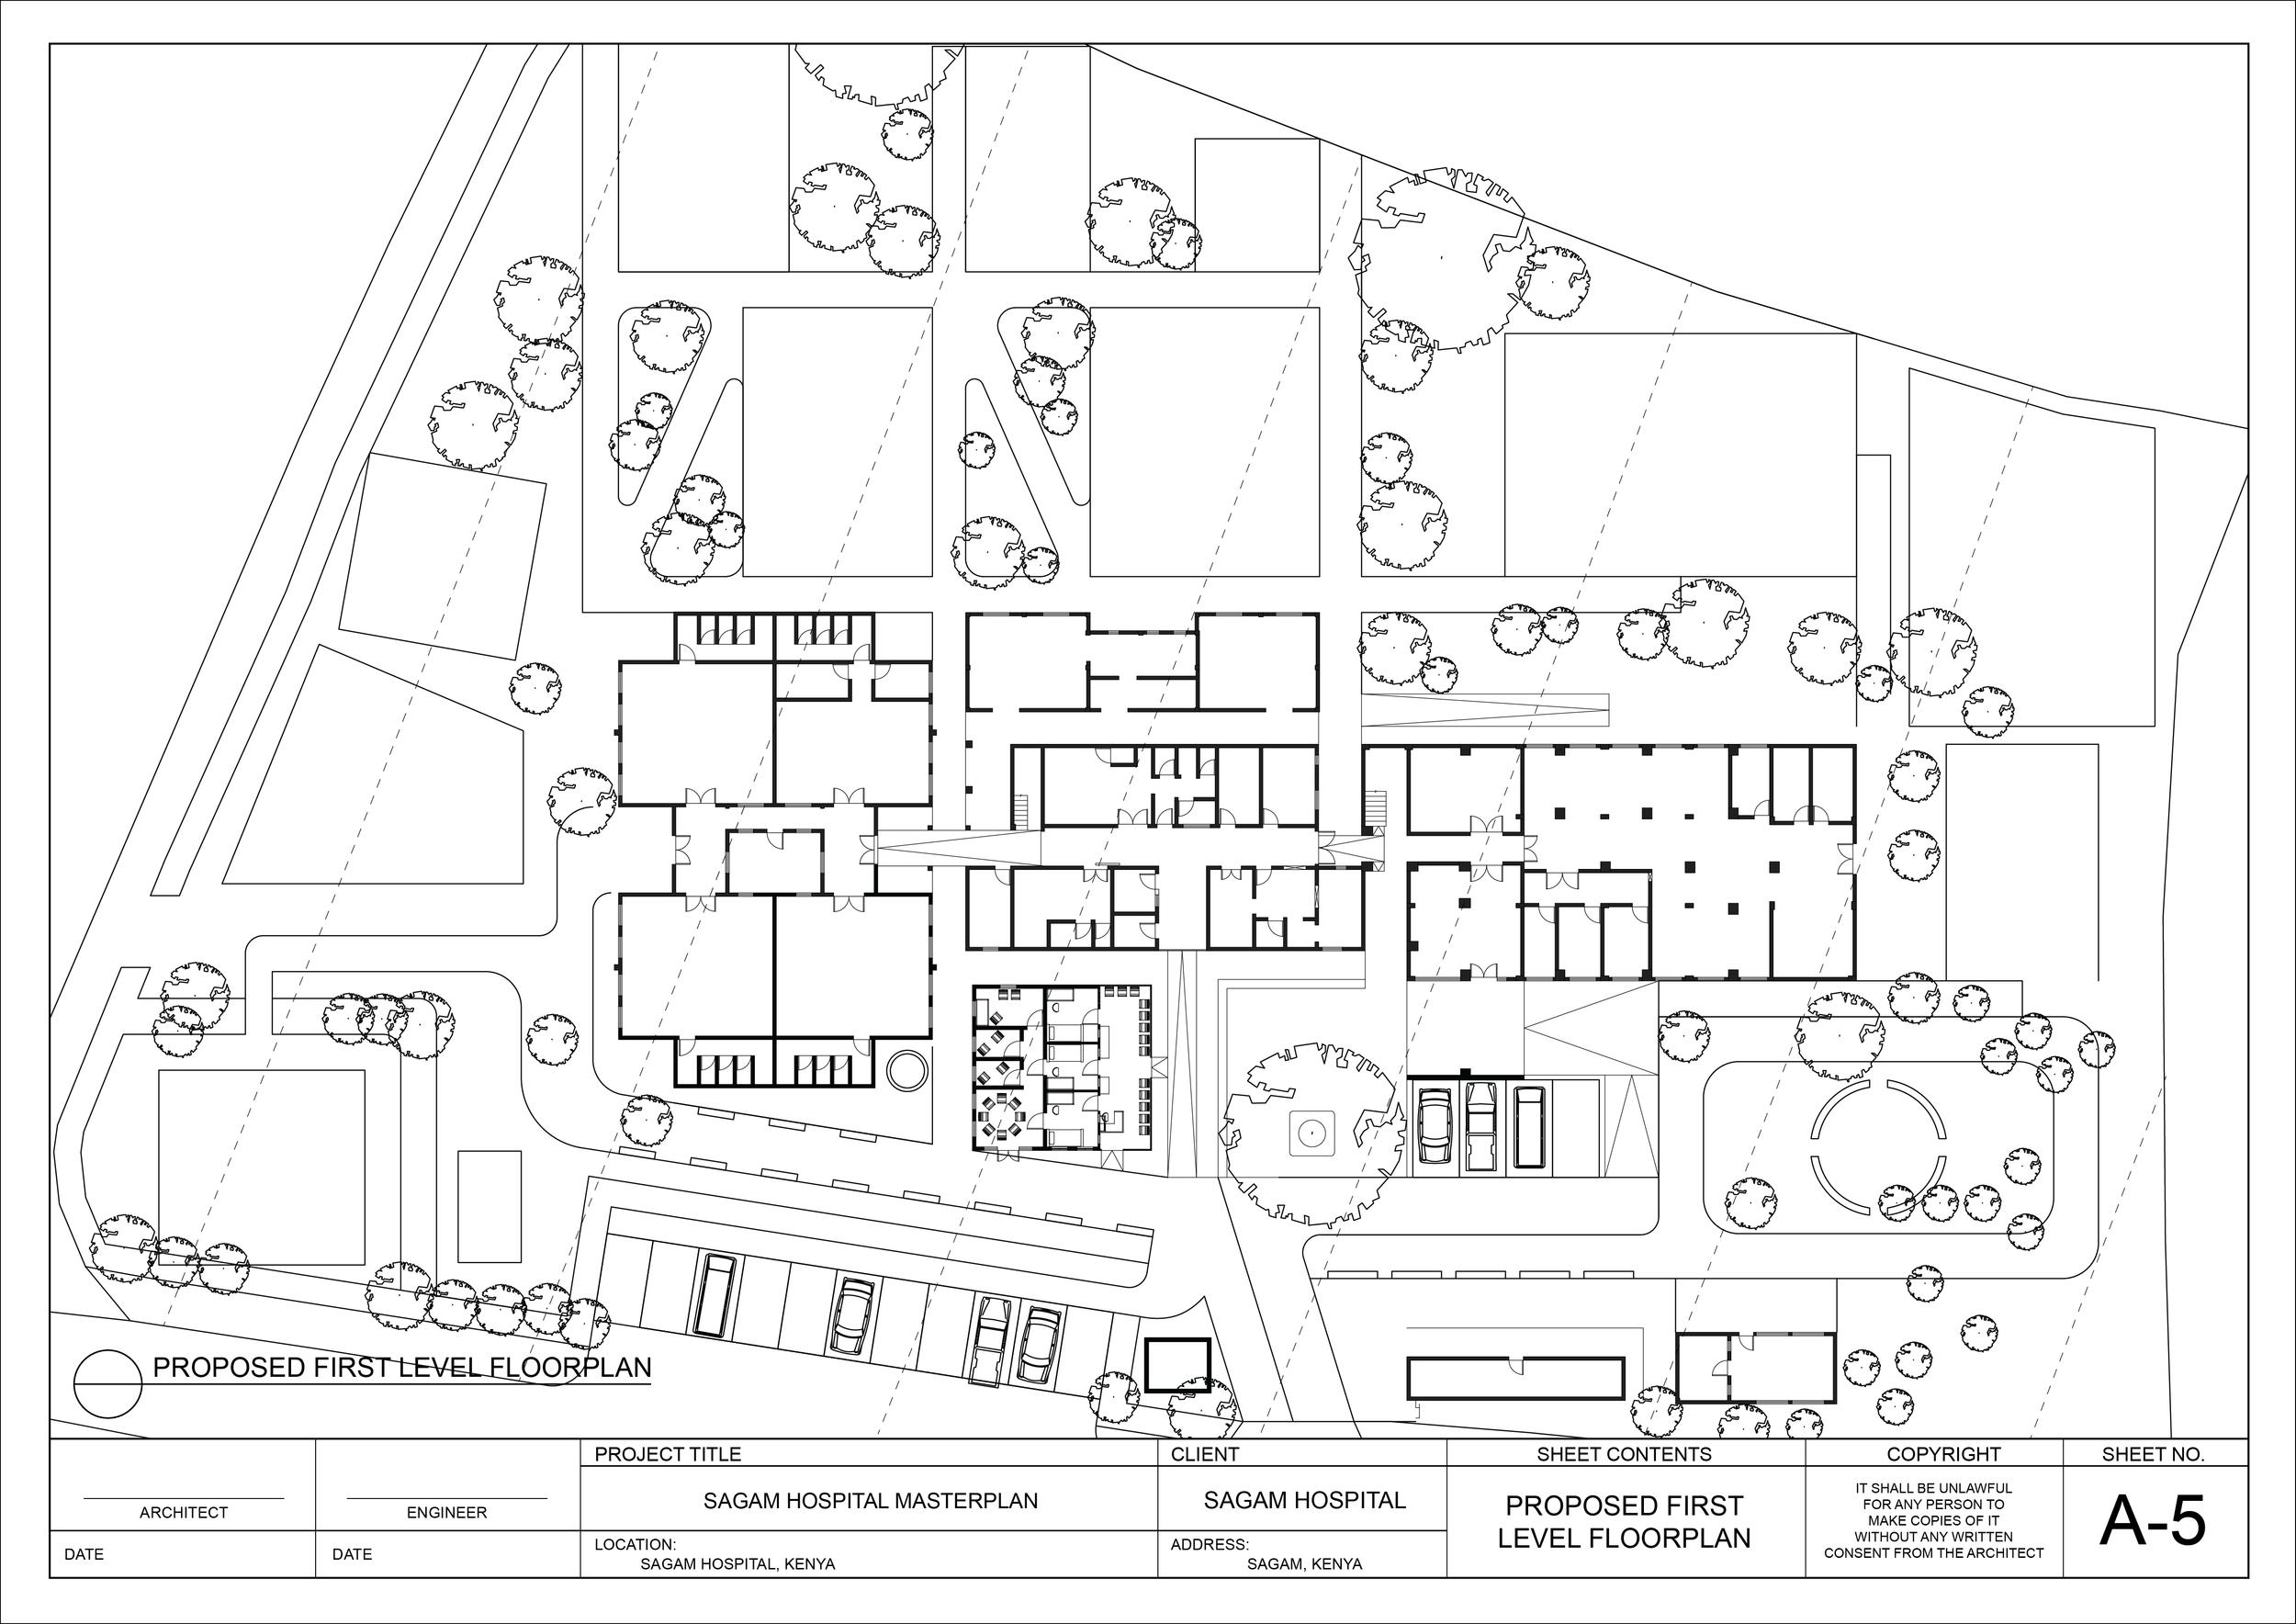 150810_WorkingDrawings_A-Masterplan-05.jpg